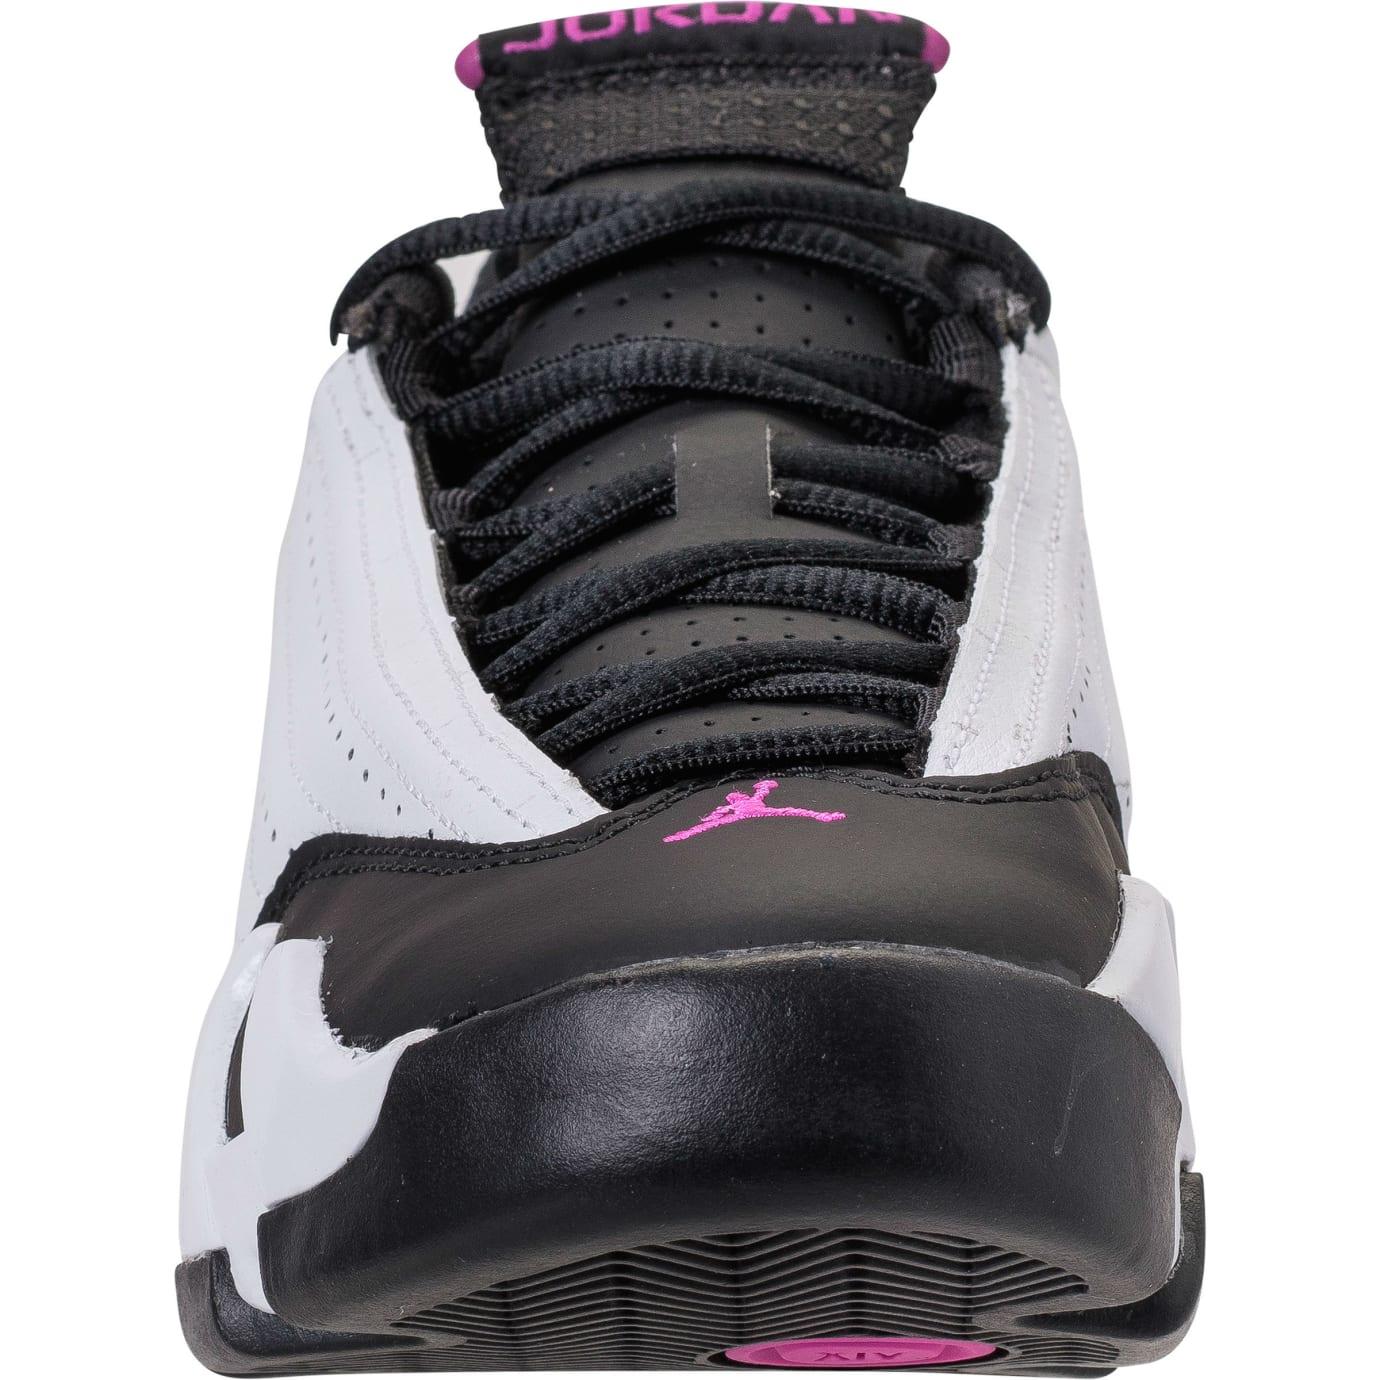 Air Jordan 14 XIV Girls Fuchsia Blast Release Date 654969-110 Front 83de5af66